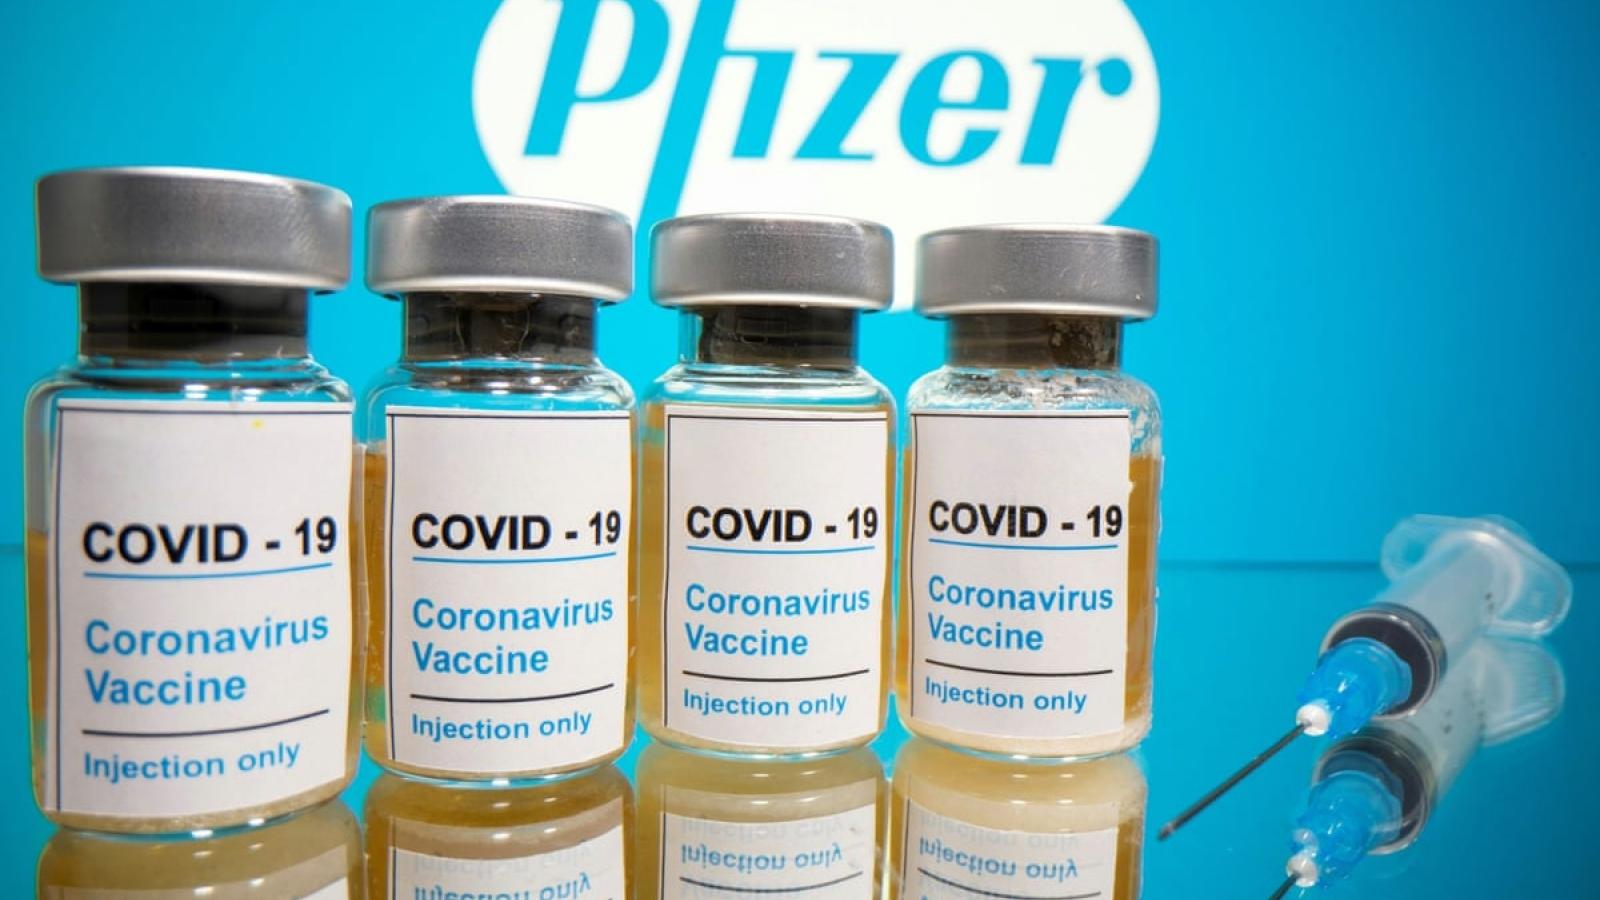 Thế giới lạc quan trước thông tin về vaccine Covid-19